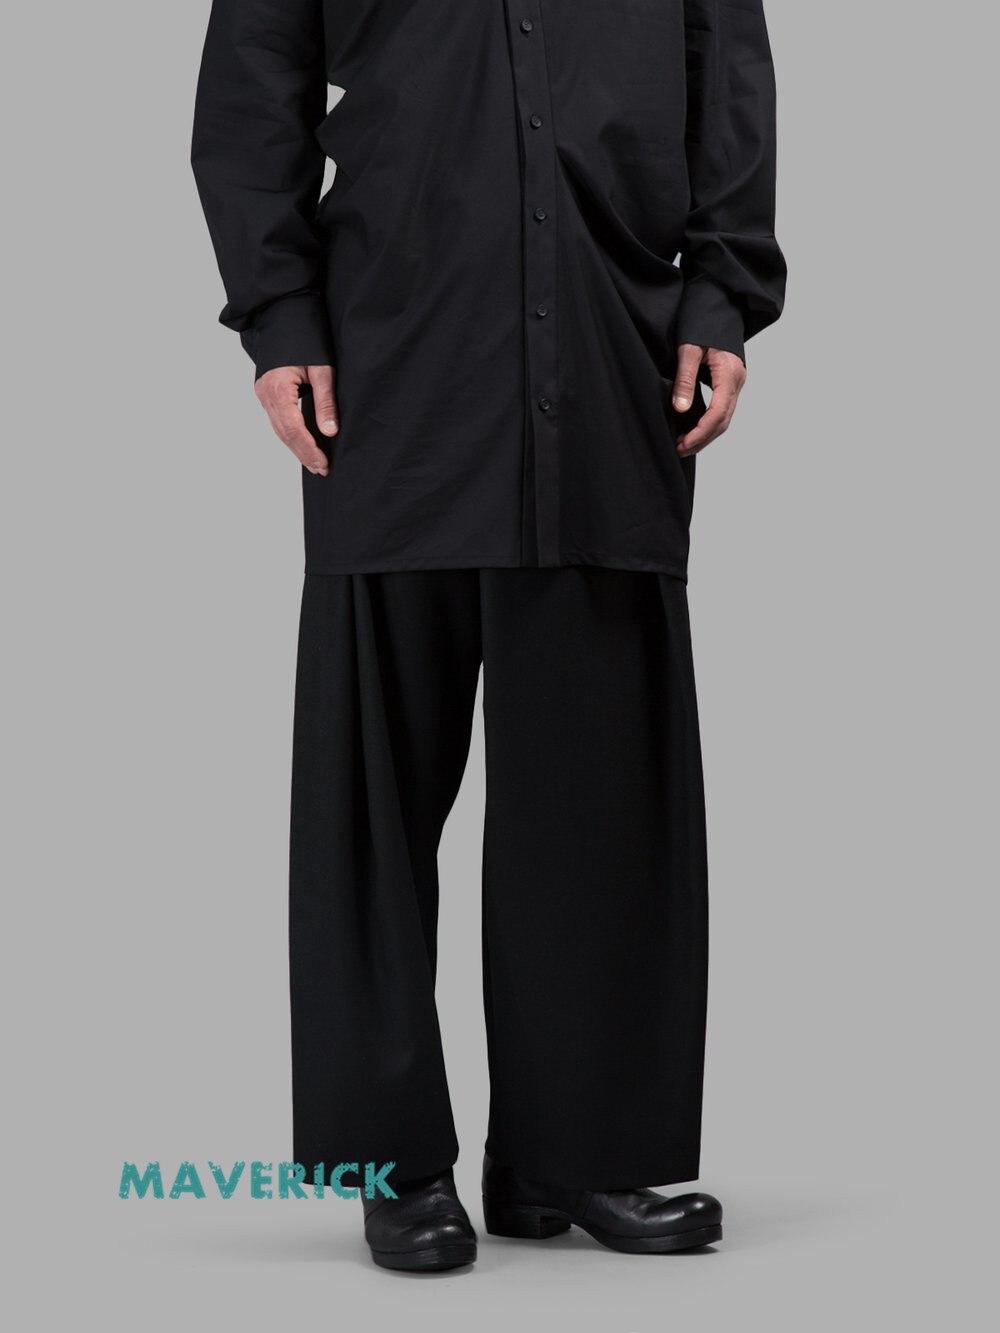 Moda Pierna Más Estilista Negro 2017 De La 44 27 Tamaño Hombres Pantalones Nuevo Ropa Dj Anchos Cantante Gd Trajes Los Asimétricas xgFxZXqw